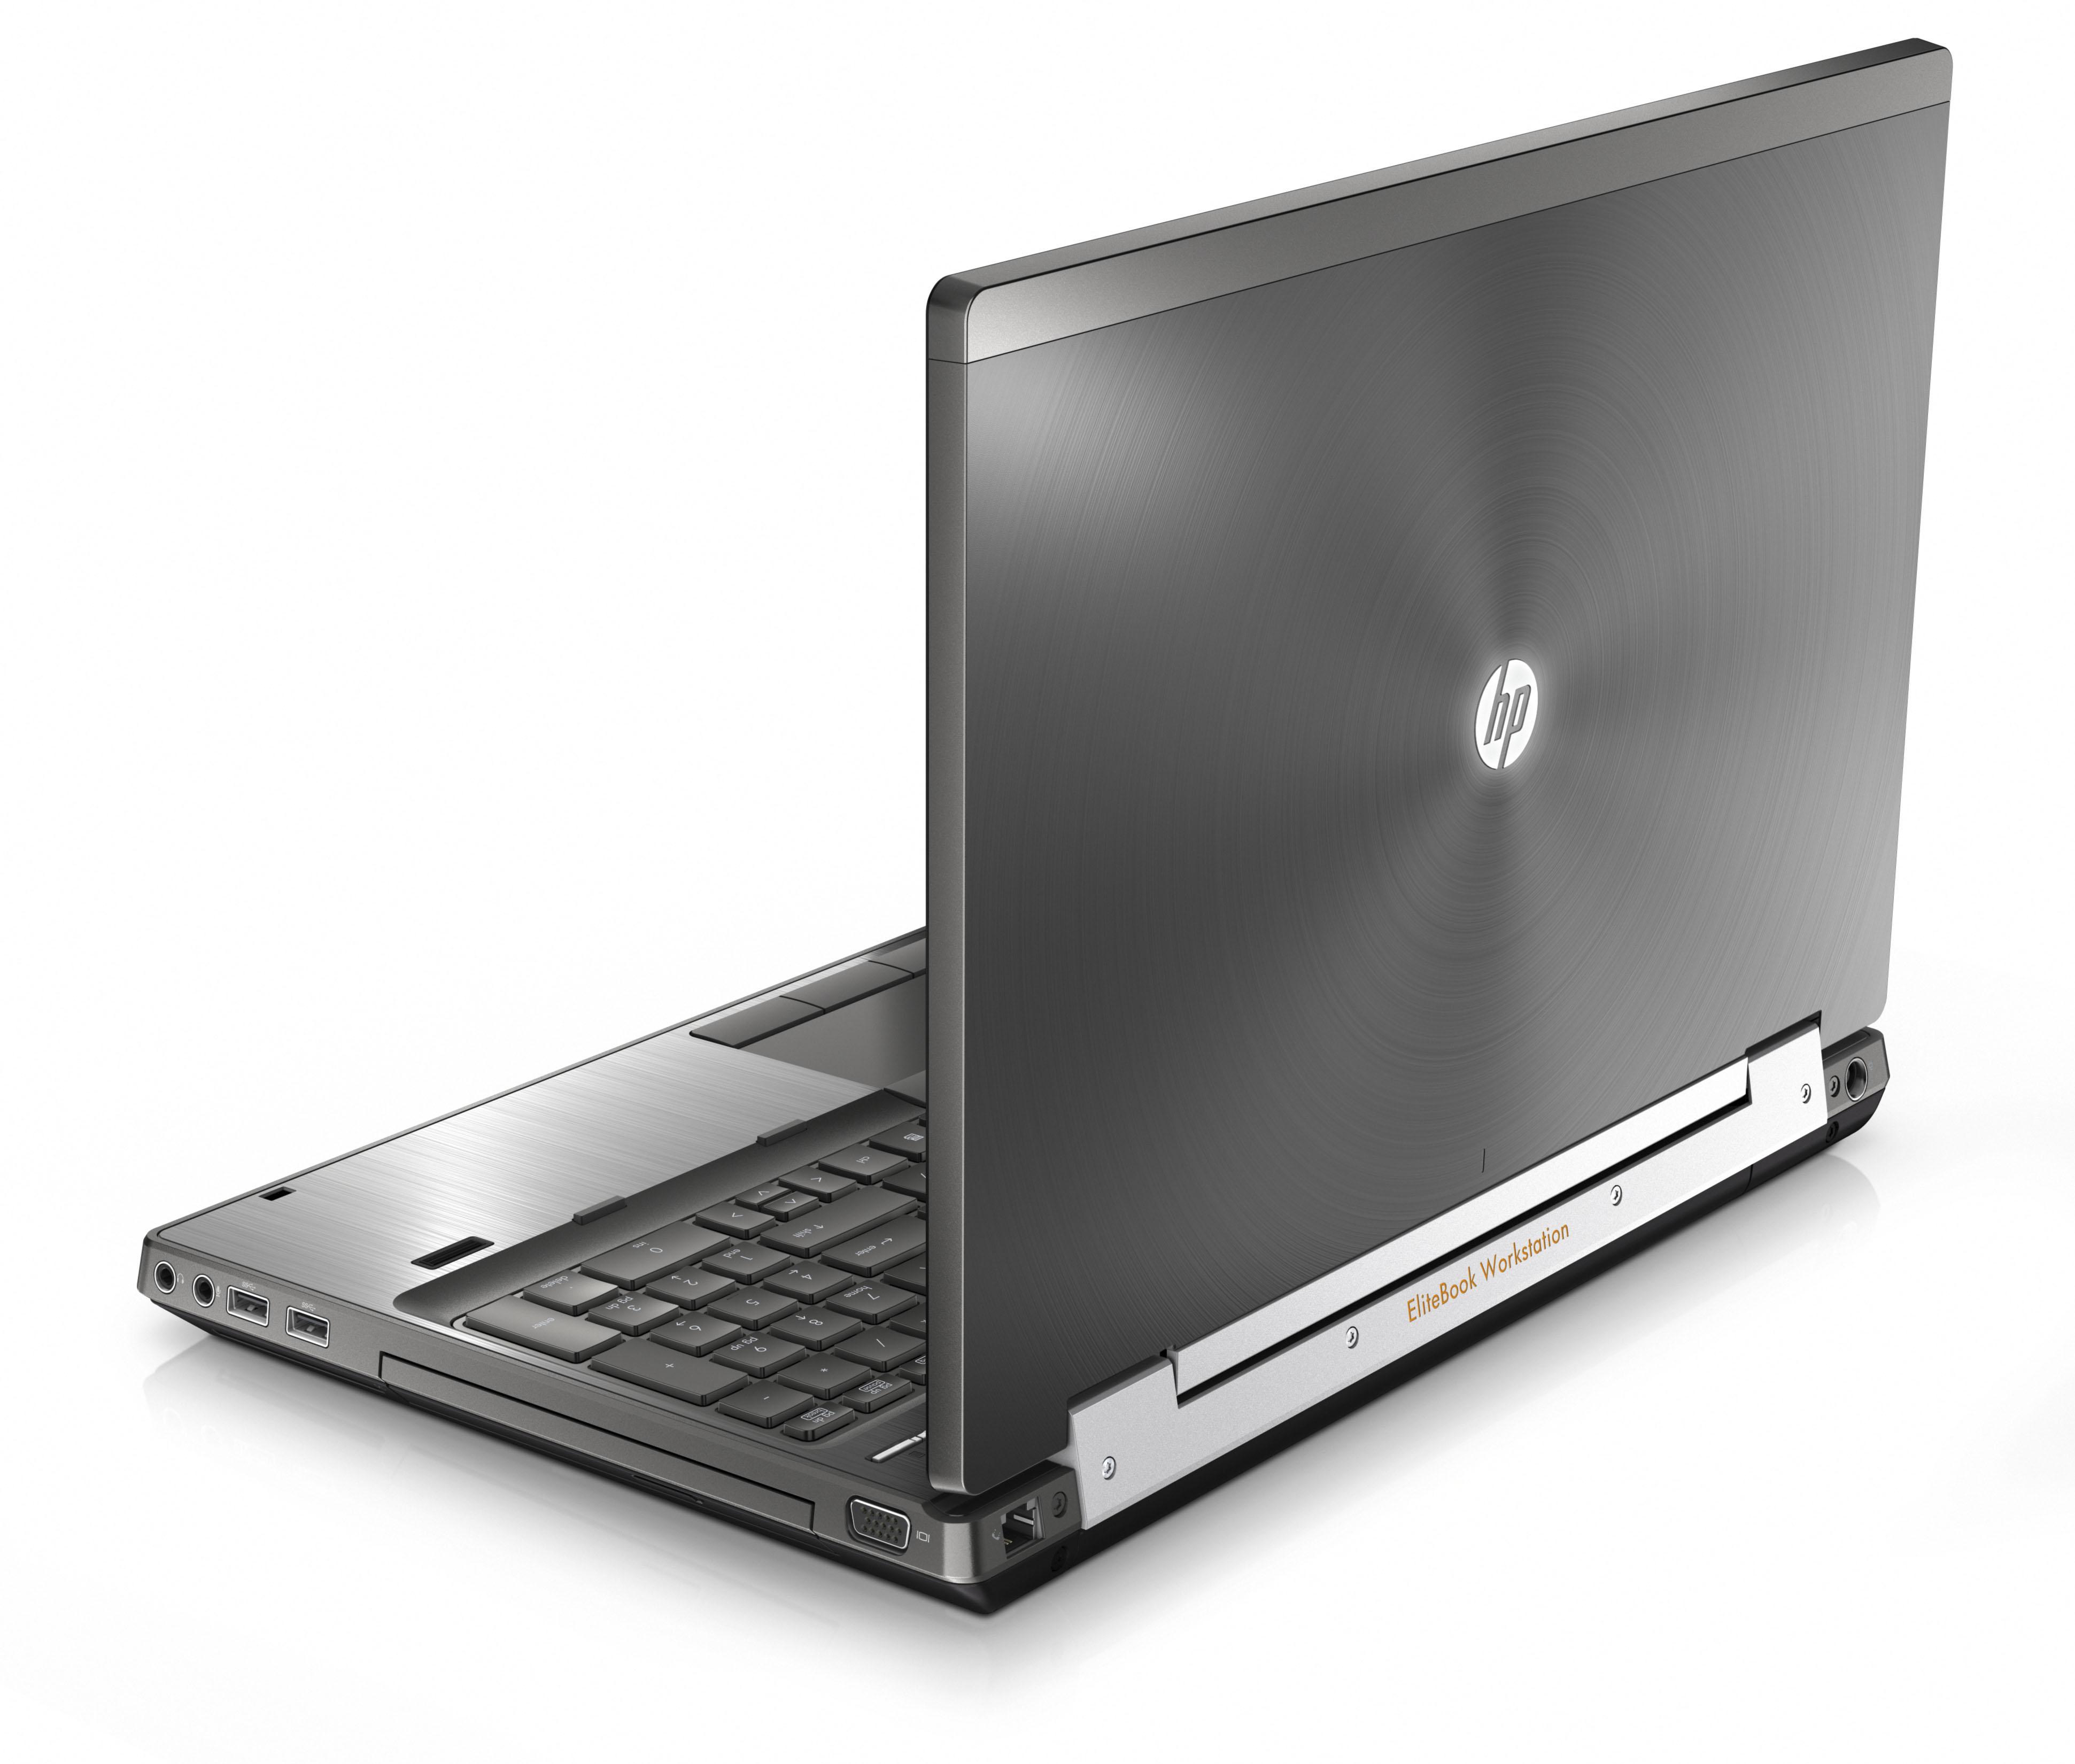 EliteBook 8560w Durability